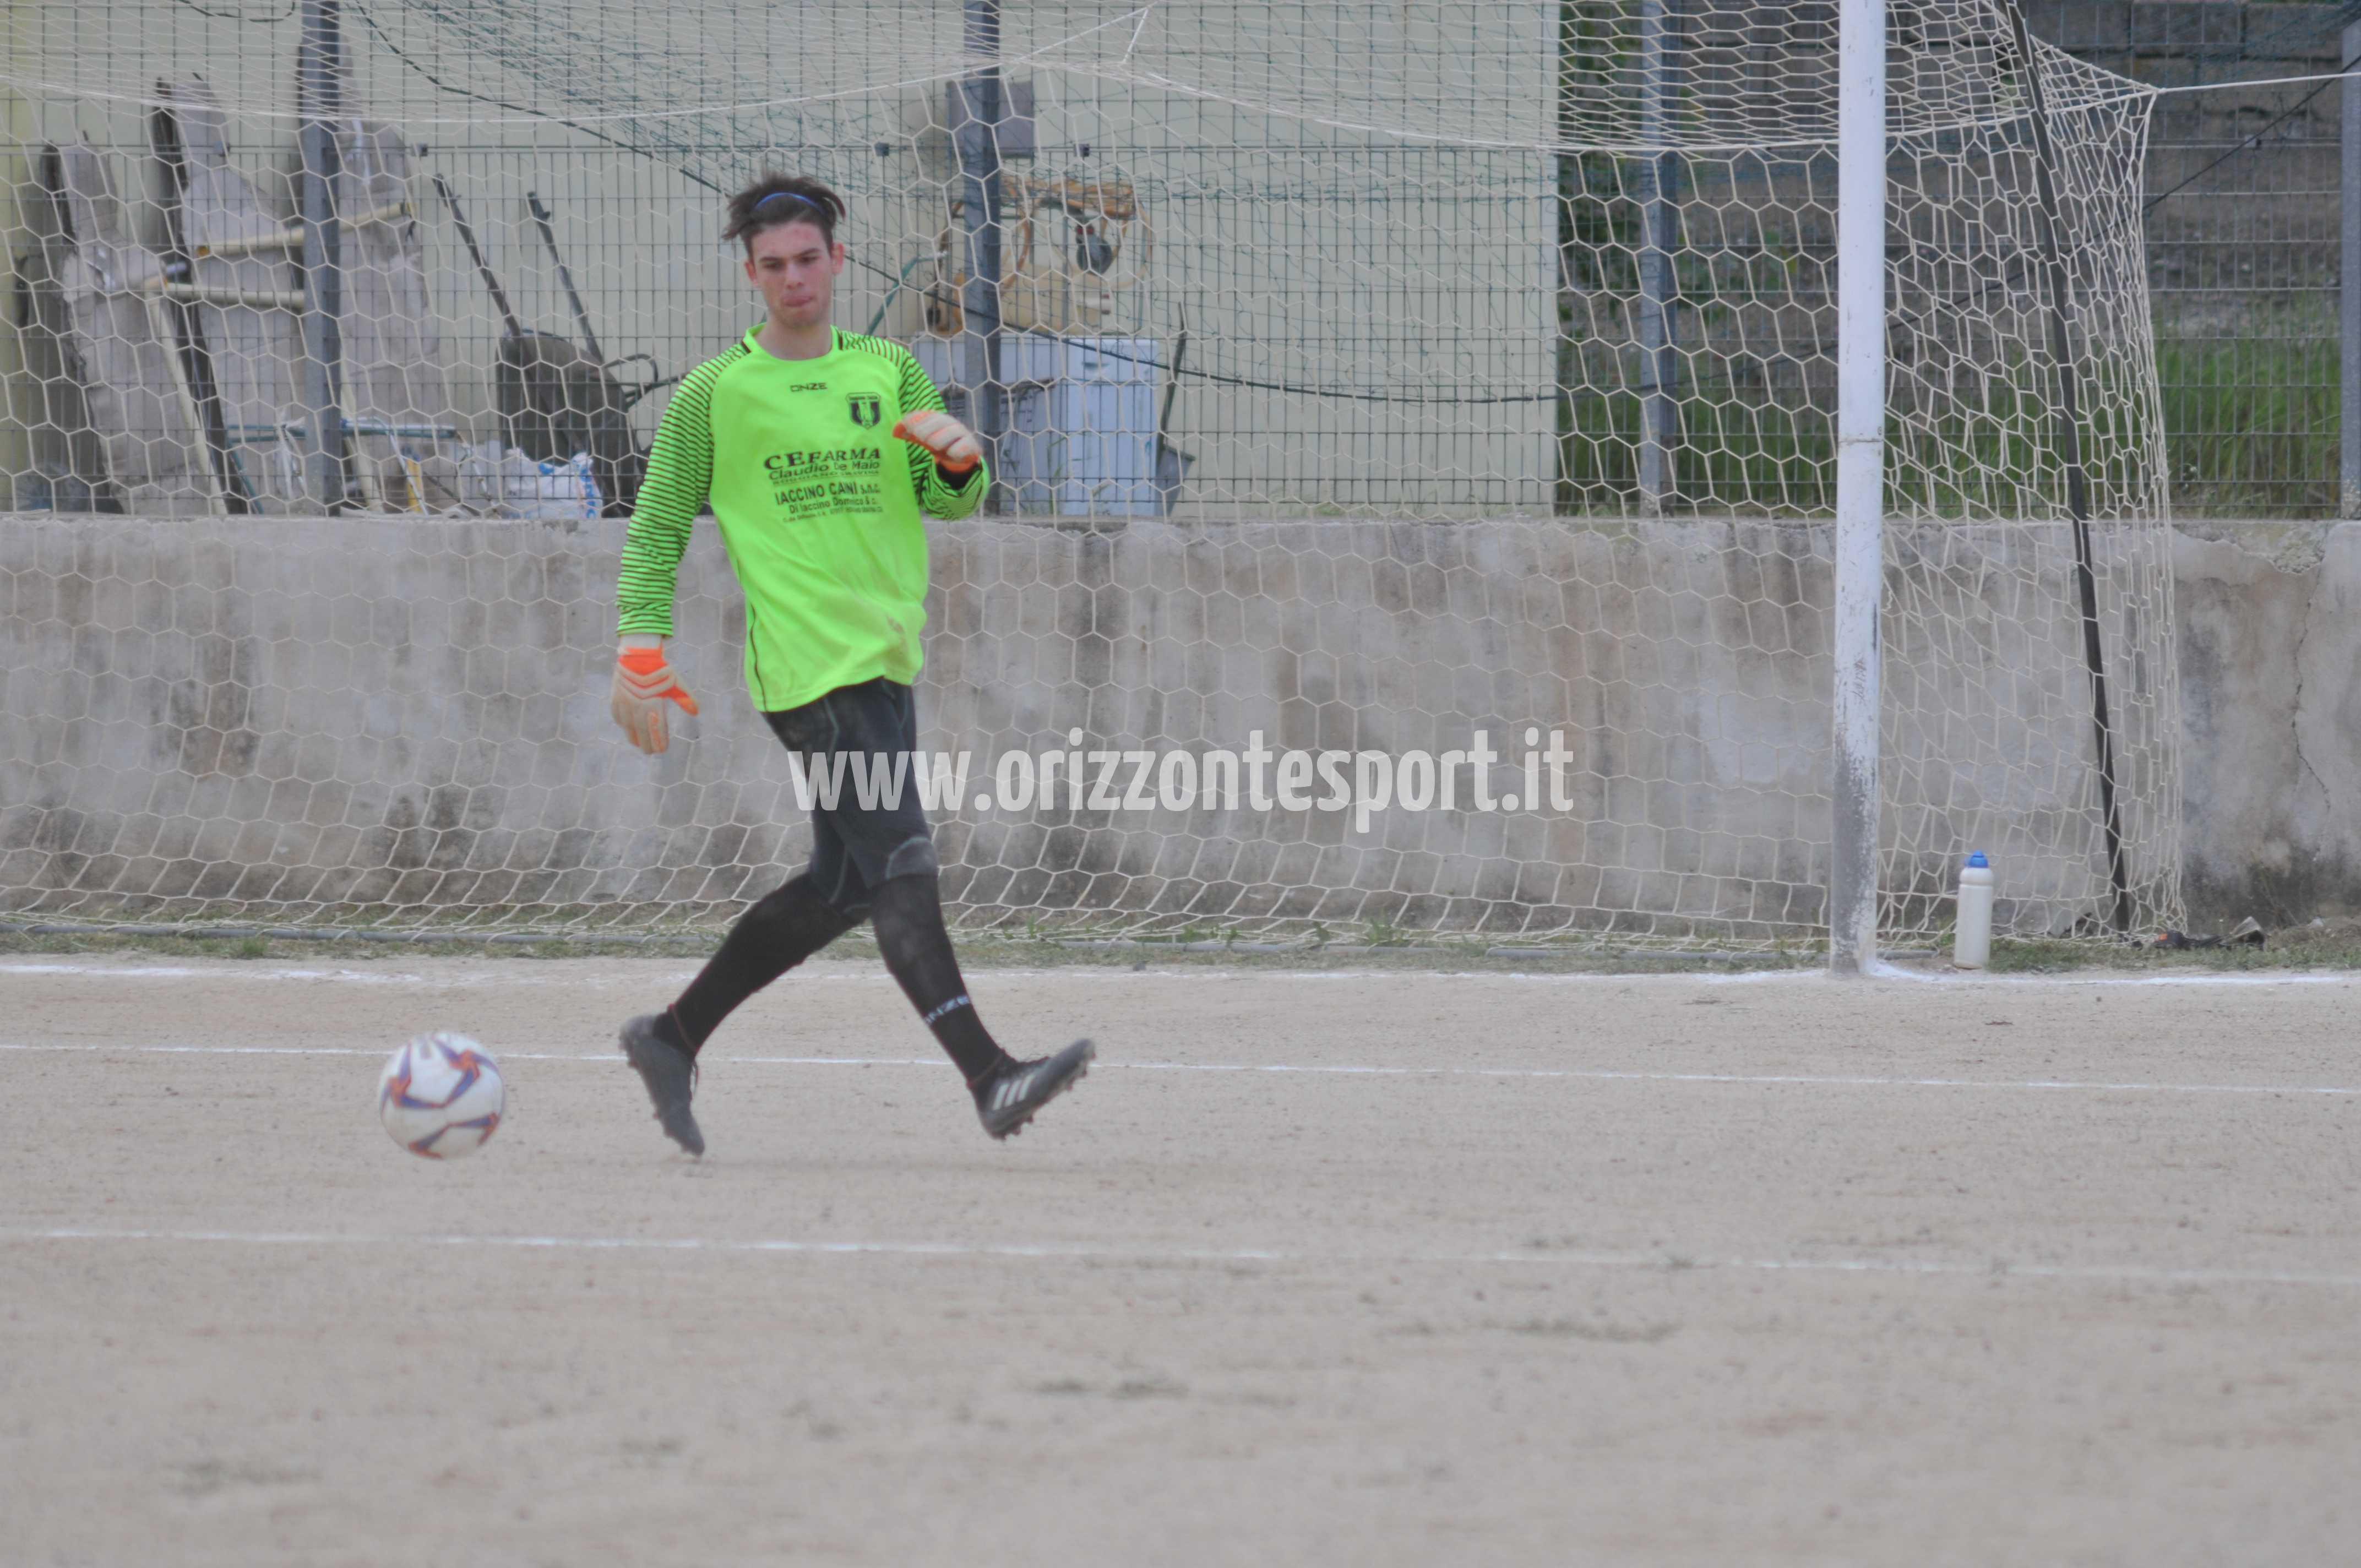 roggiano_cassano (43)